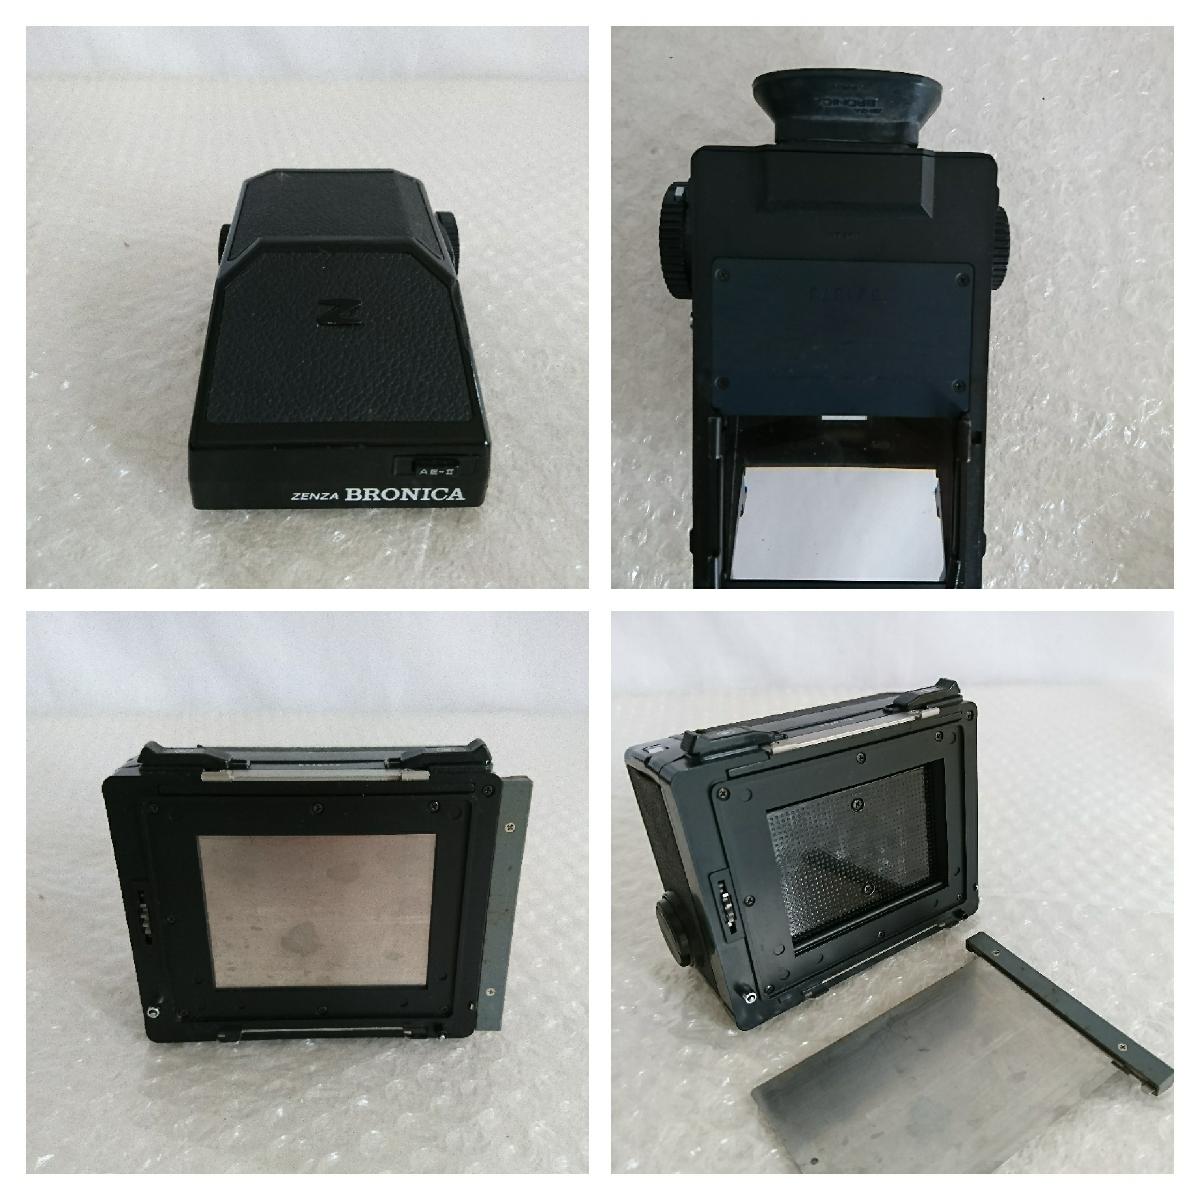 ZENZA BRONICA ゼンザブロニカ ETRSi + レンズ ZENZANON MC 50mm 1:2.8 等 3本 + フィルムパック 2個 + フィルター セット まとめ まとめて_画像4